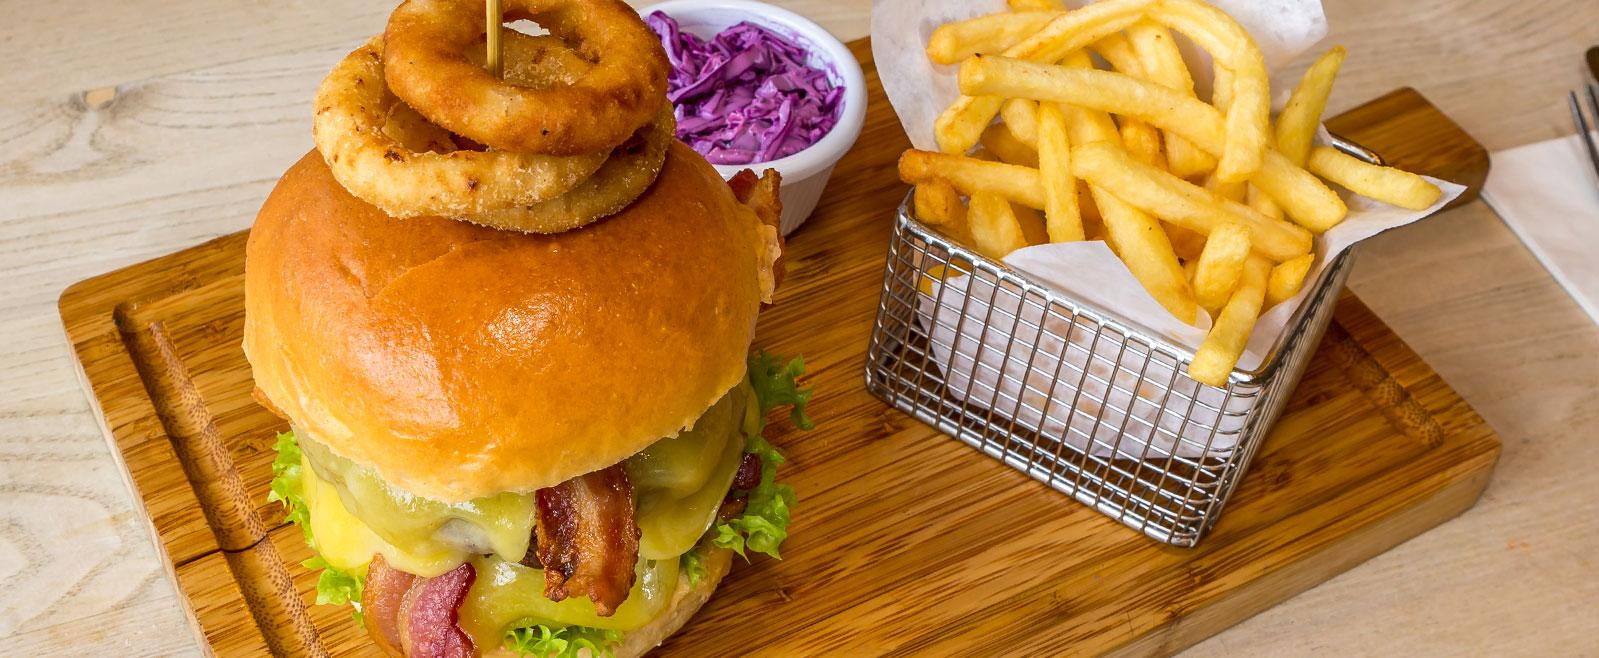 PiedBullFOODdoublecheeseburger